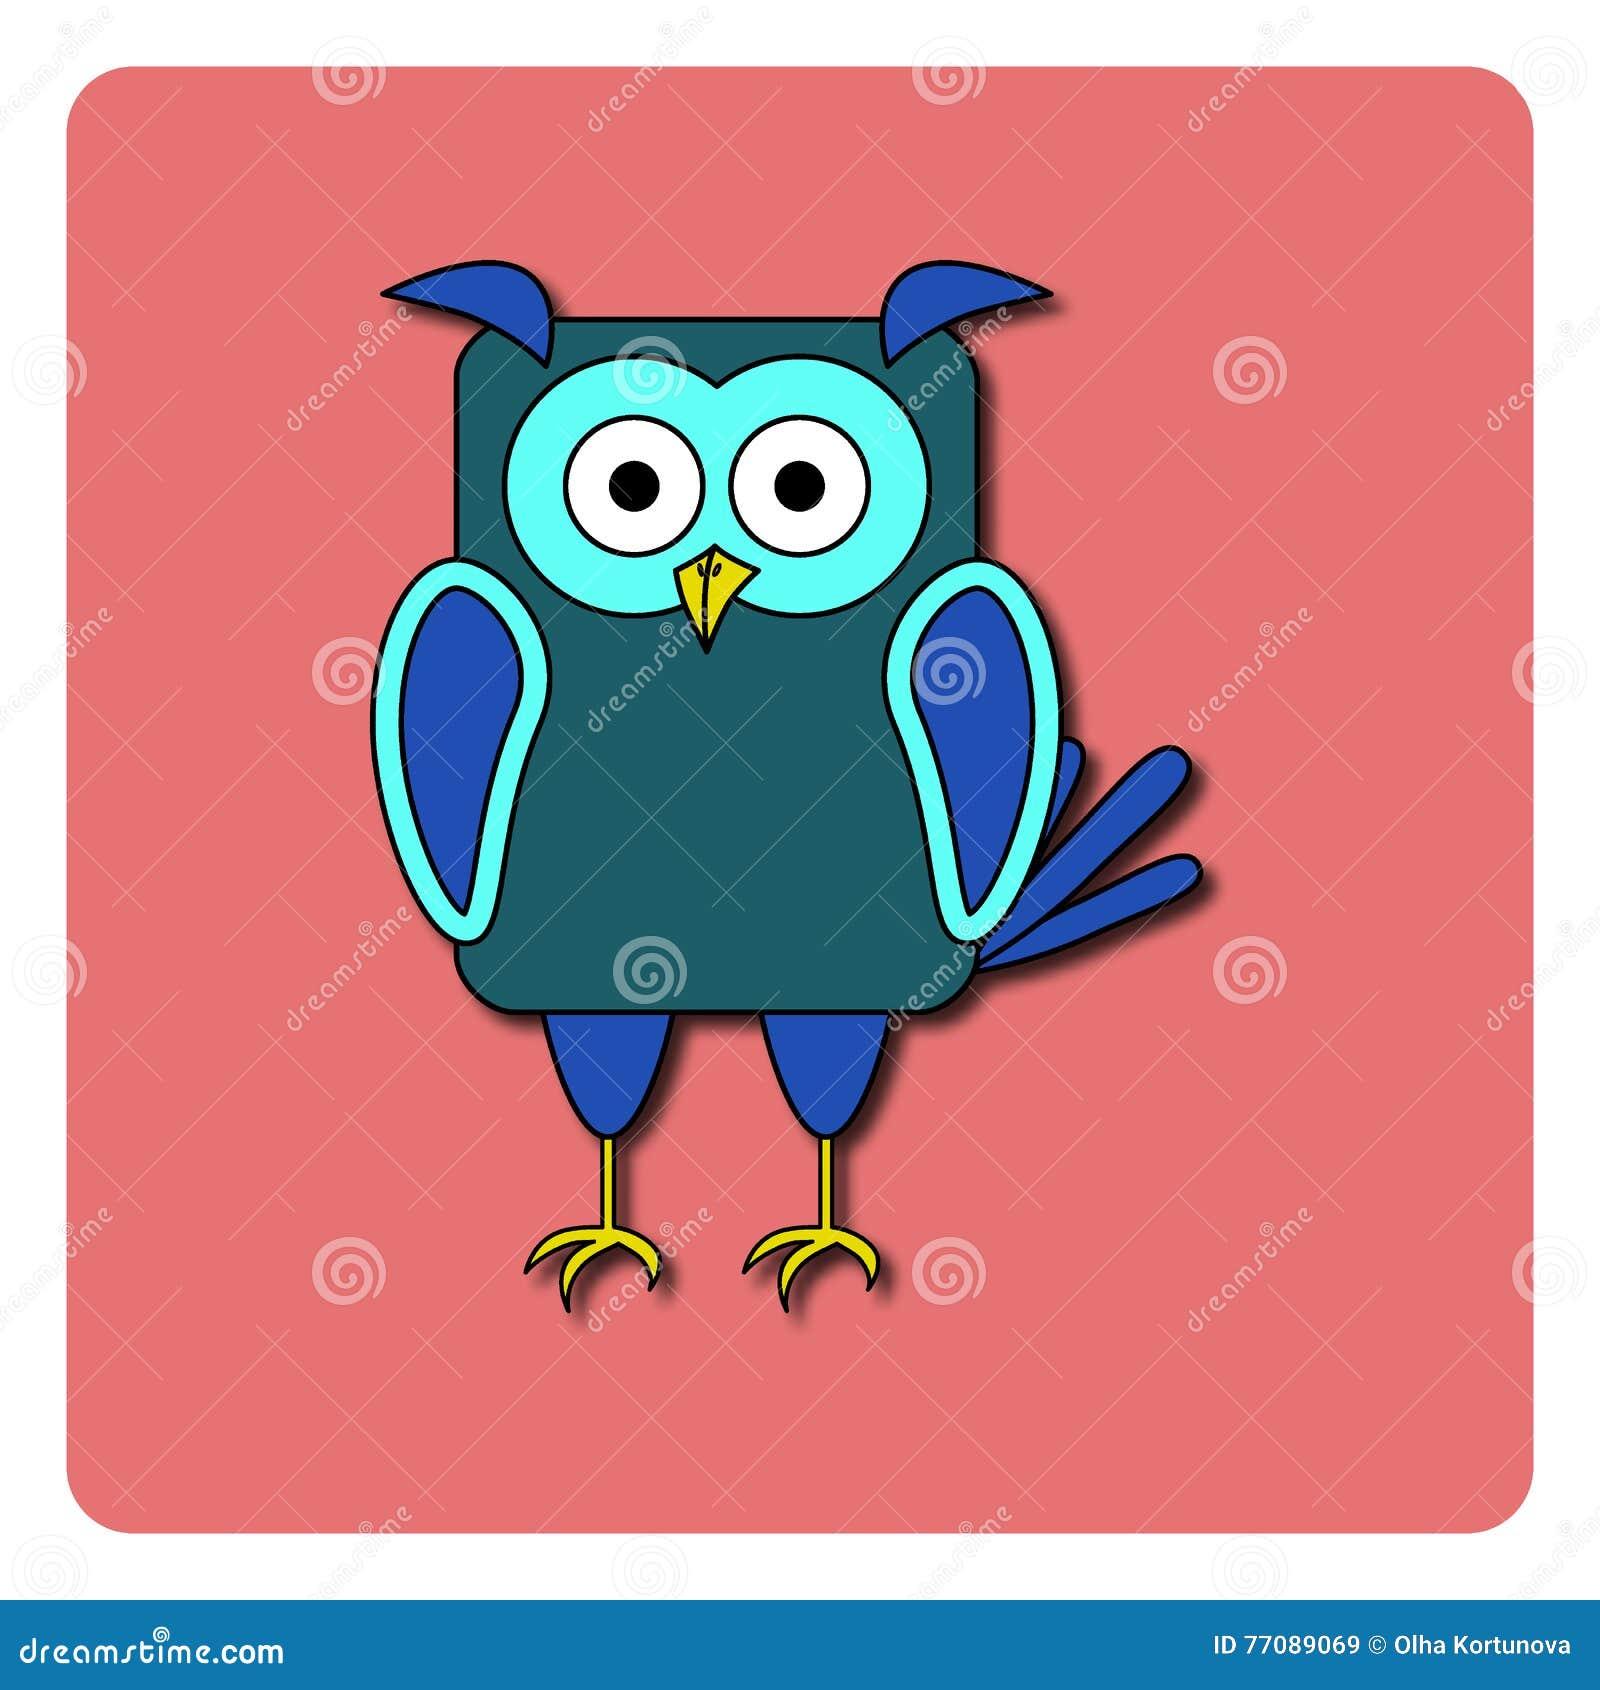 Conception Plate D Oiseau Sur Le Fond De Couleur Hibou Bleu Arrondi